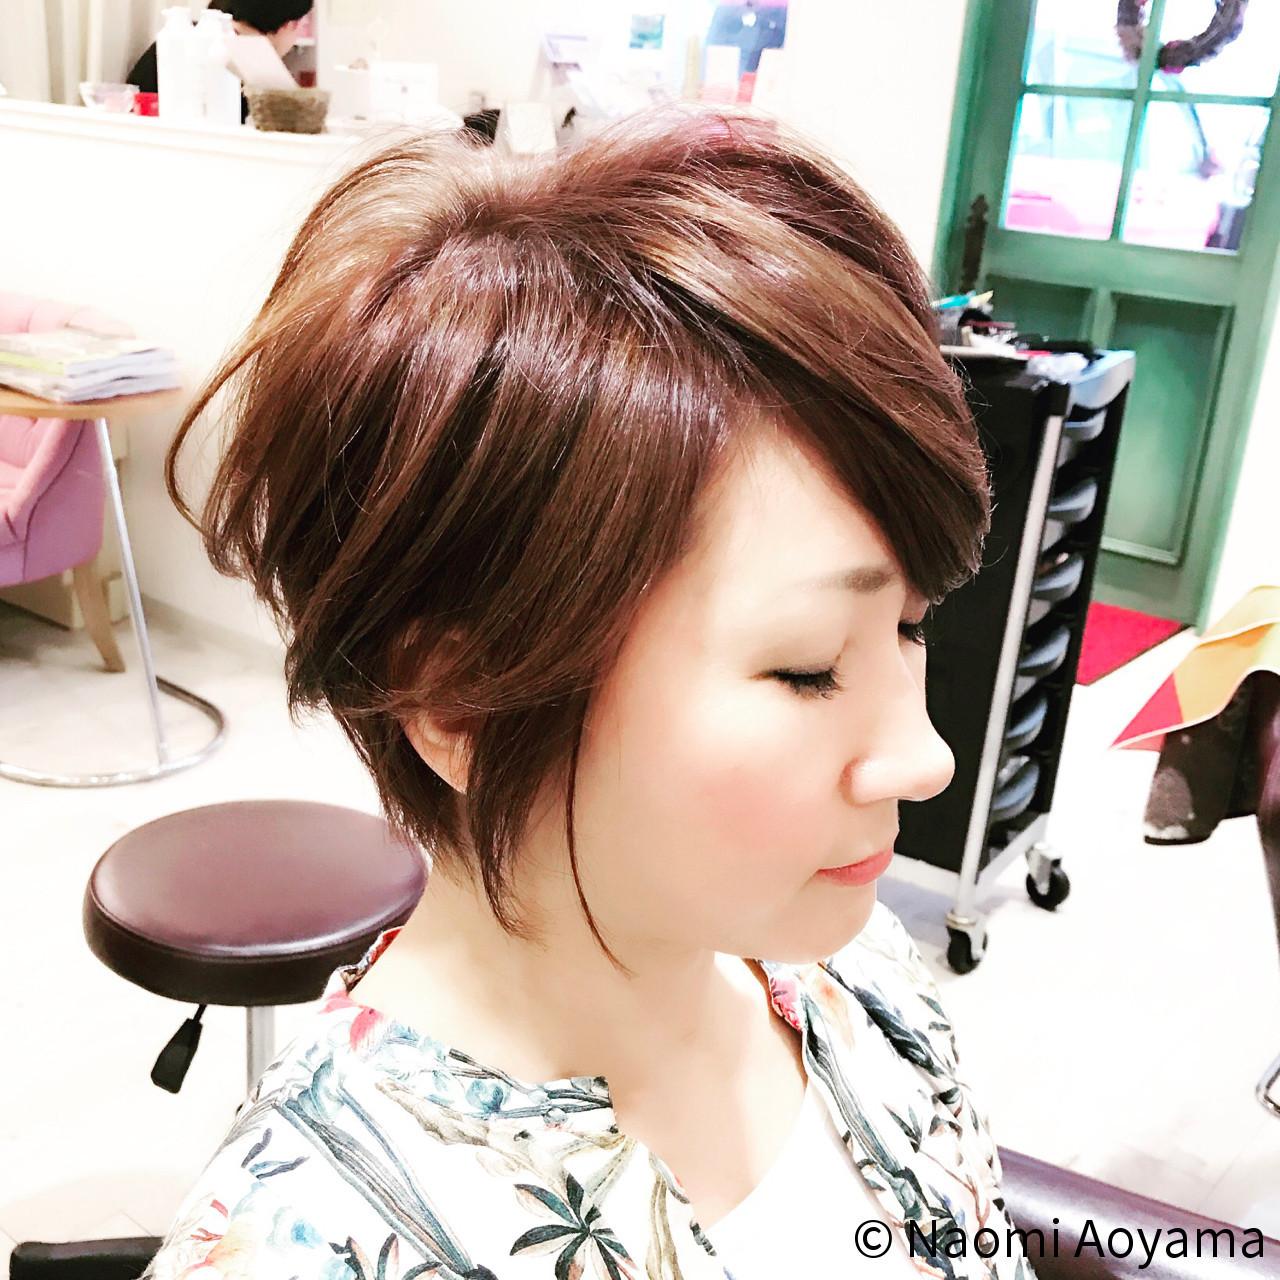 40代の魅力を最大限に引き出すヘアスタイルはボブ×パーマで決まり Naomi Aoyama  fresca